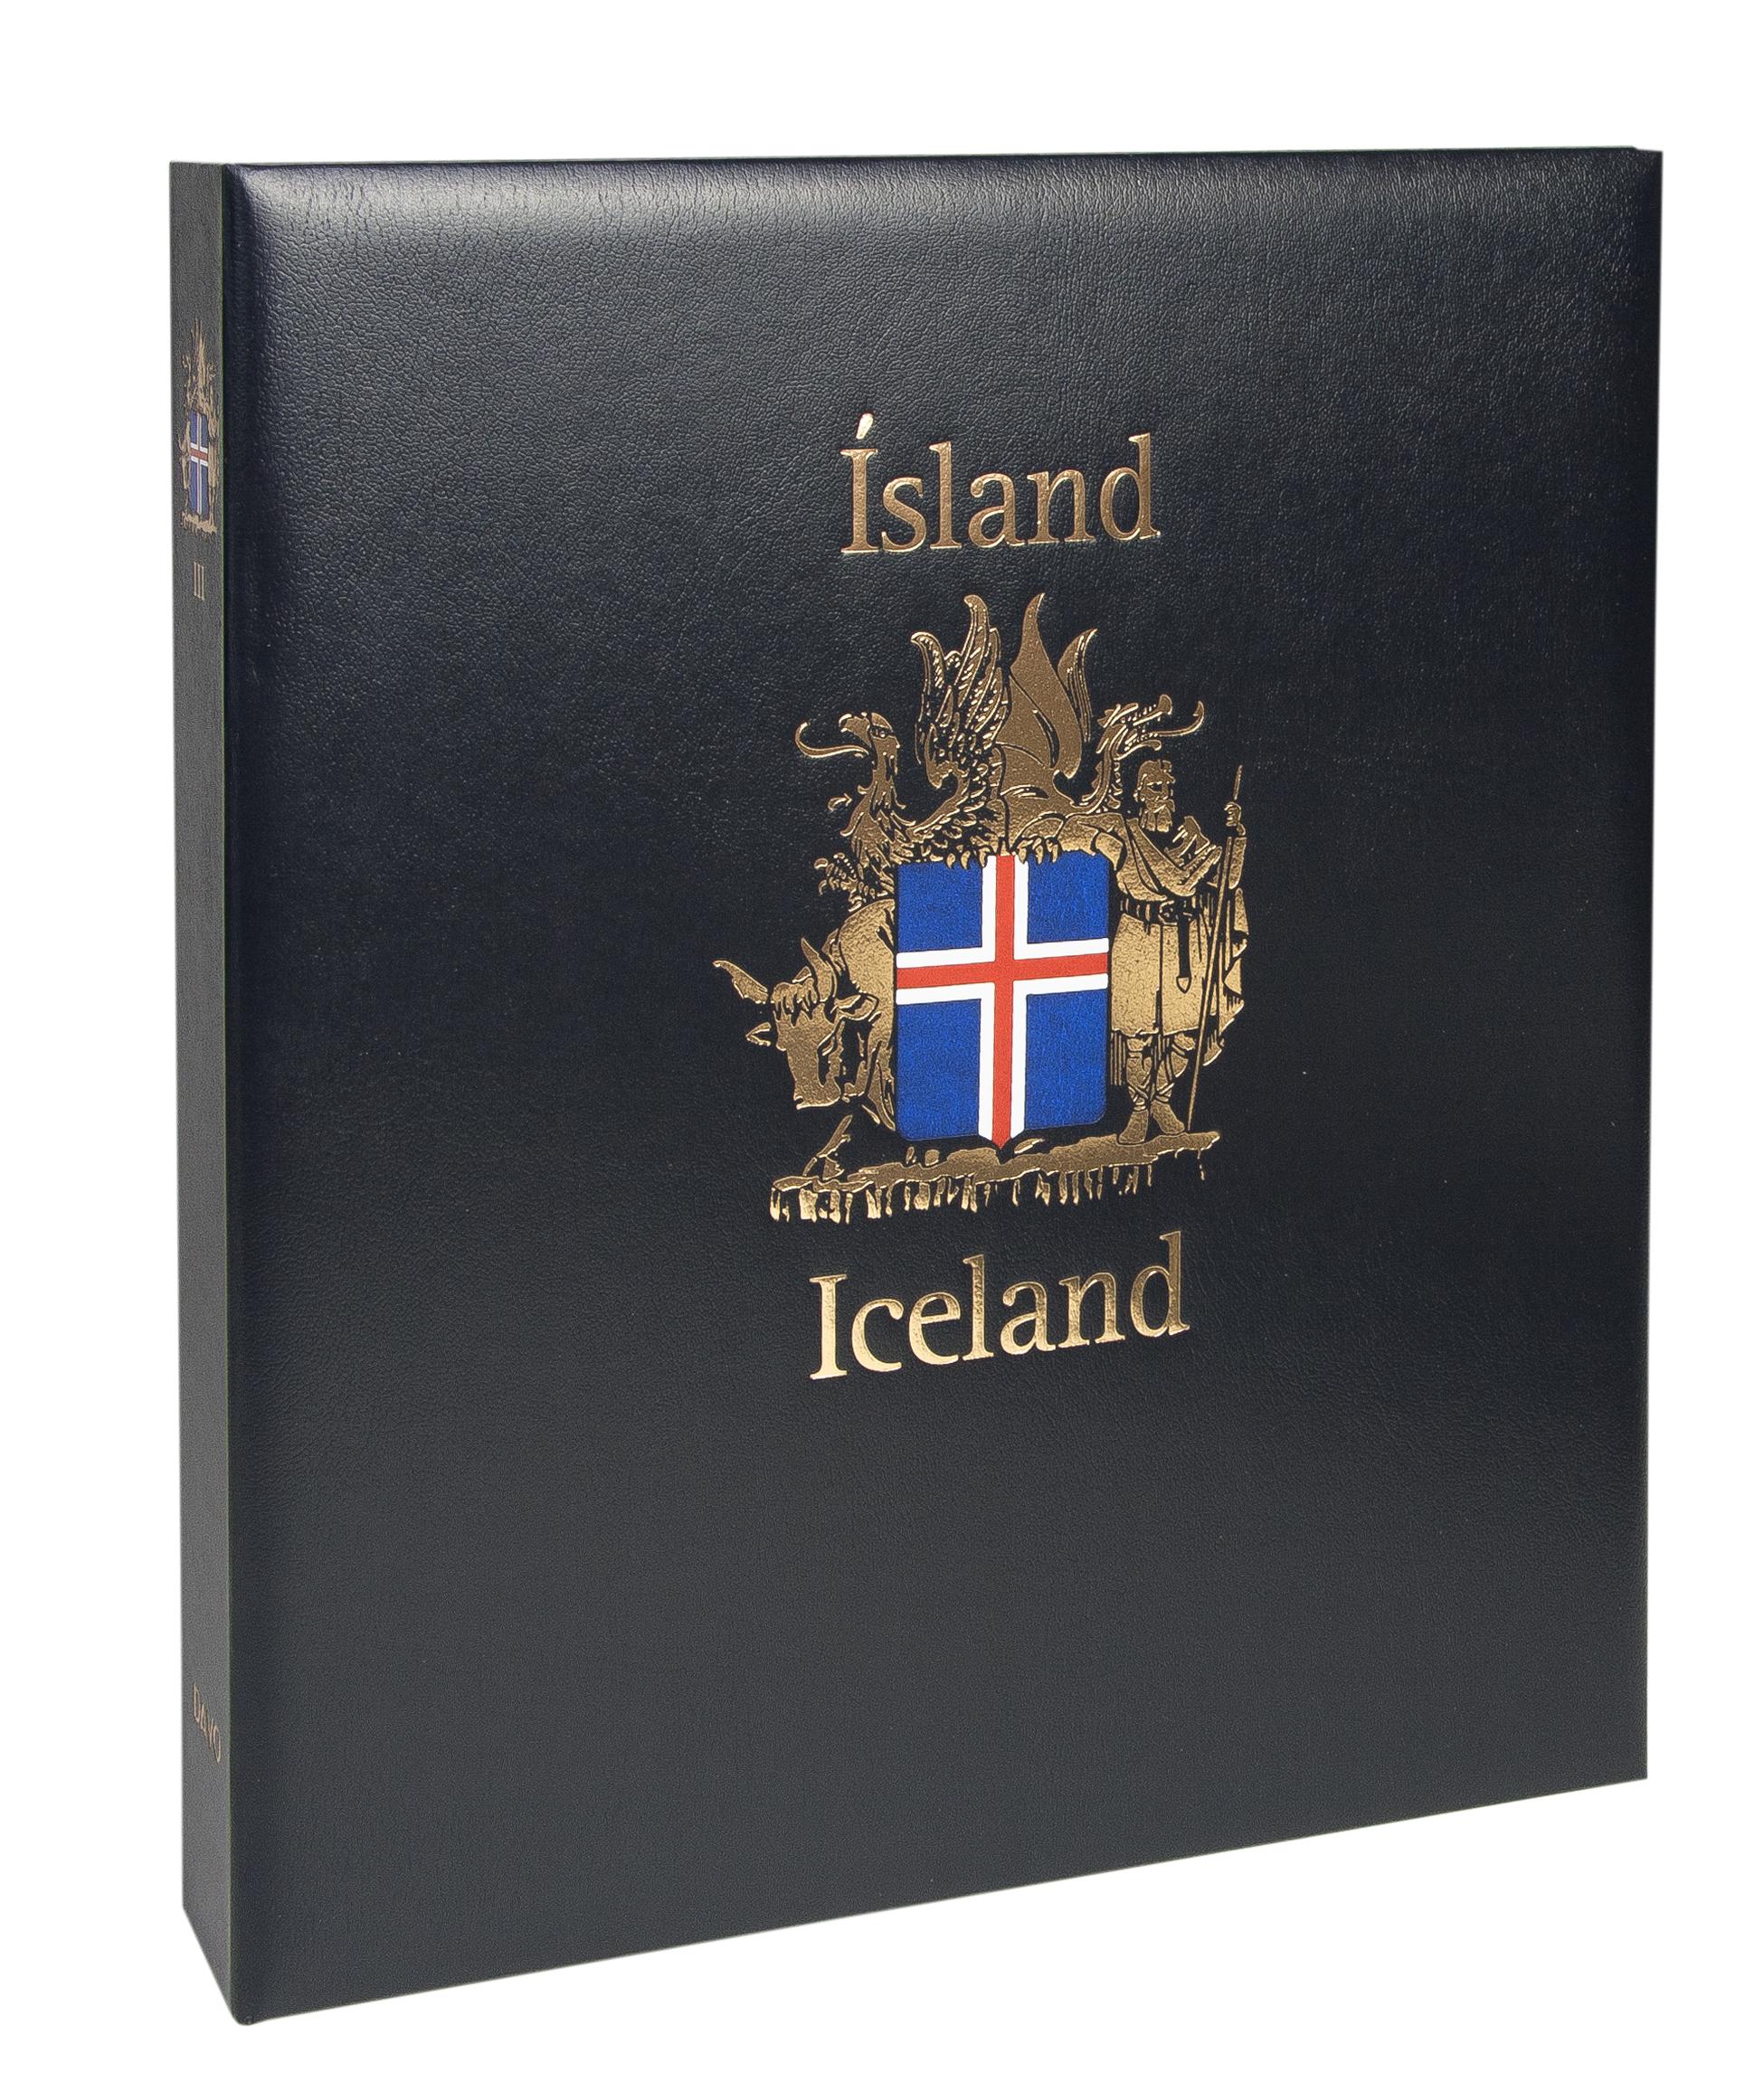 Iceland Luxe Binder Volume 1